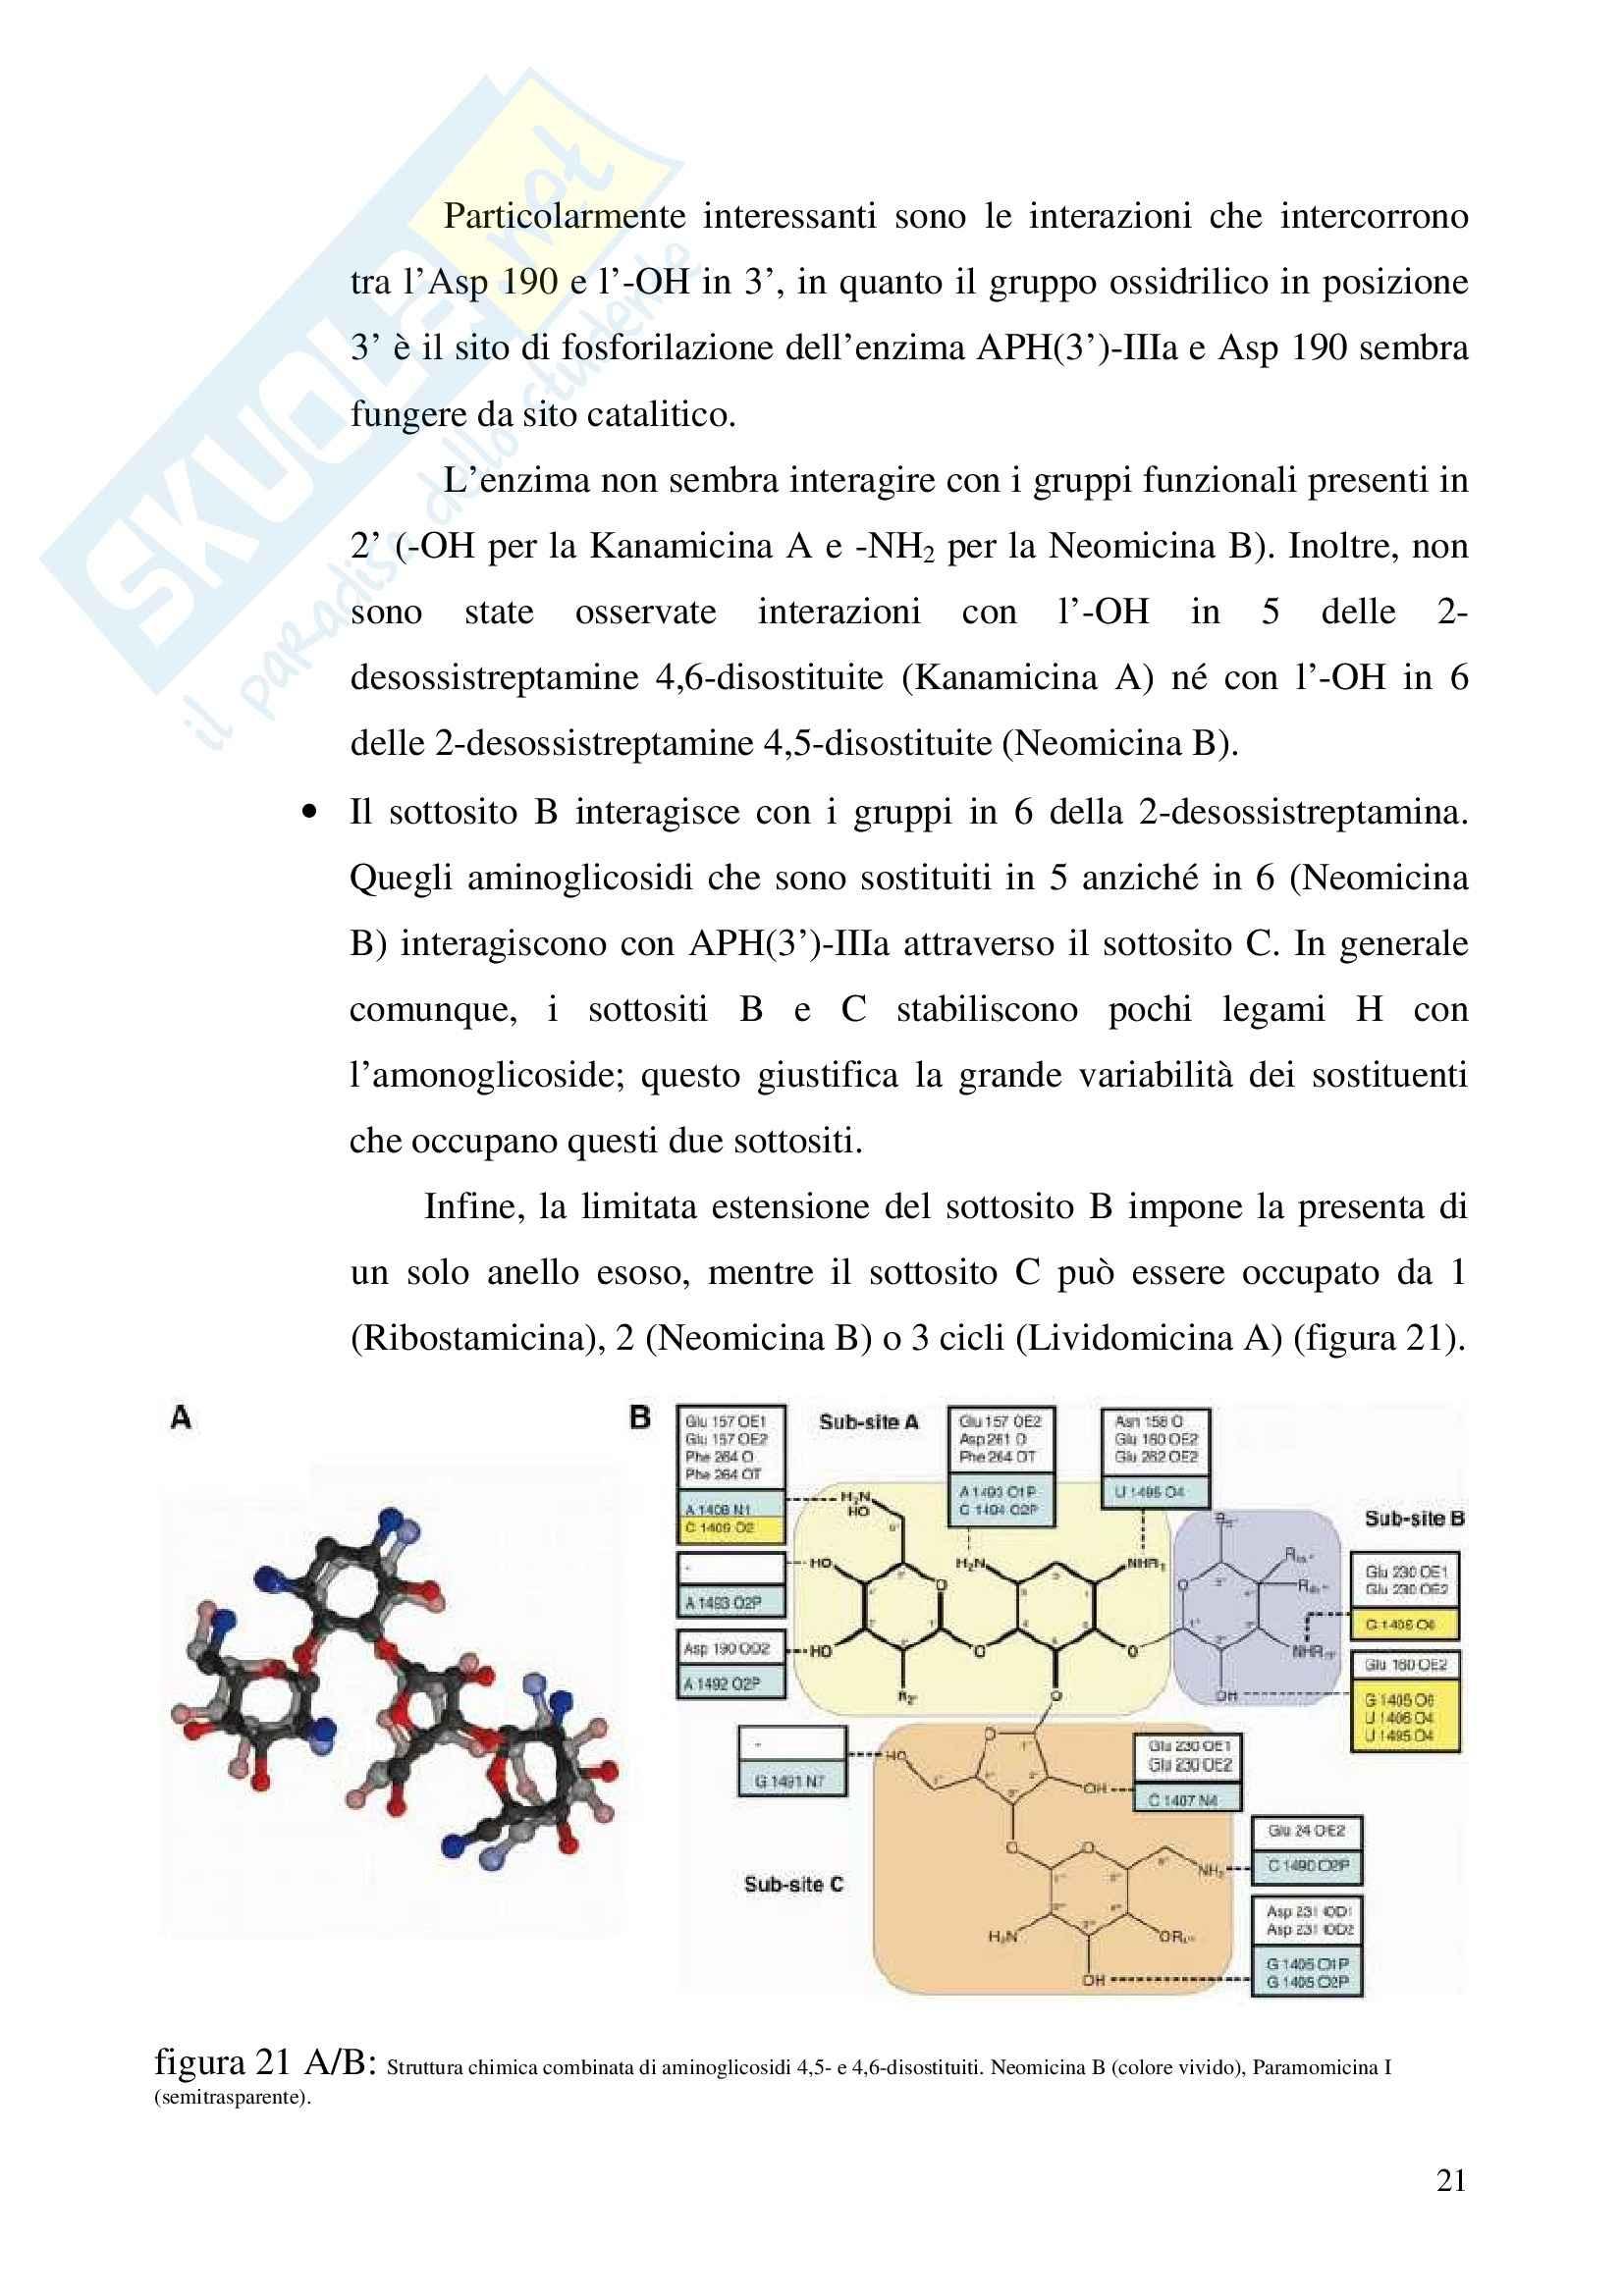 Farmacologia generale - aminoglicosidi Pag. 21